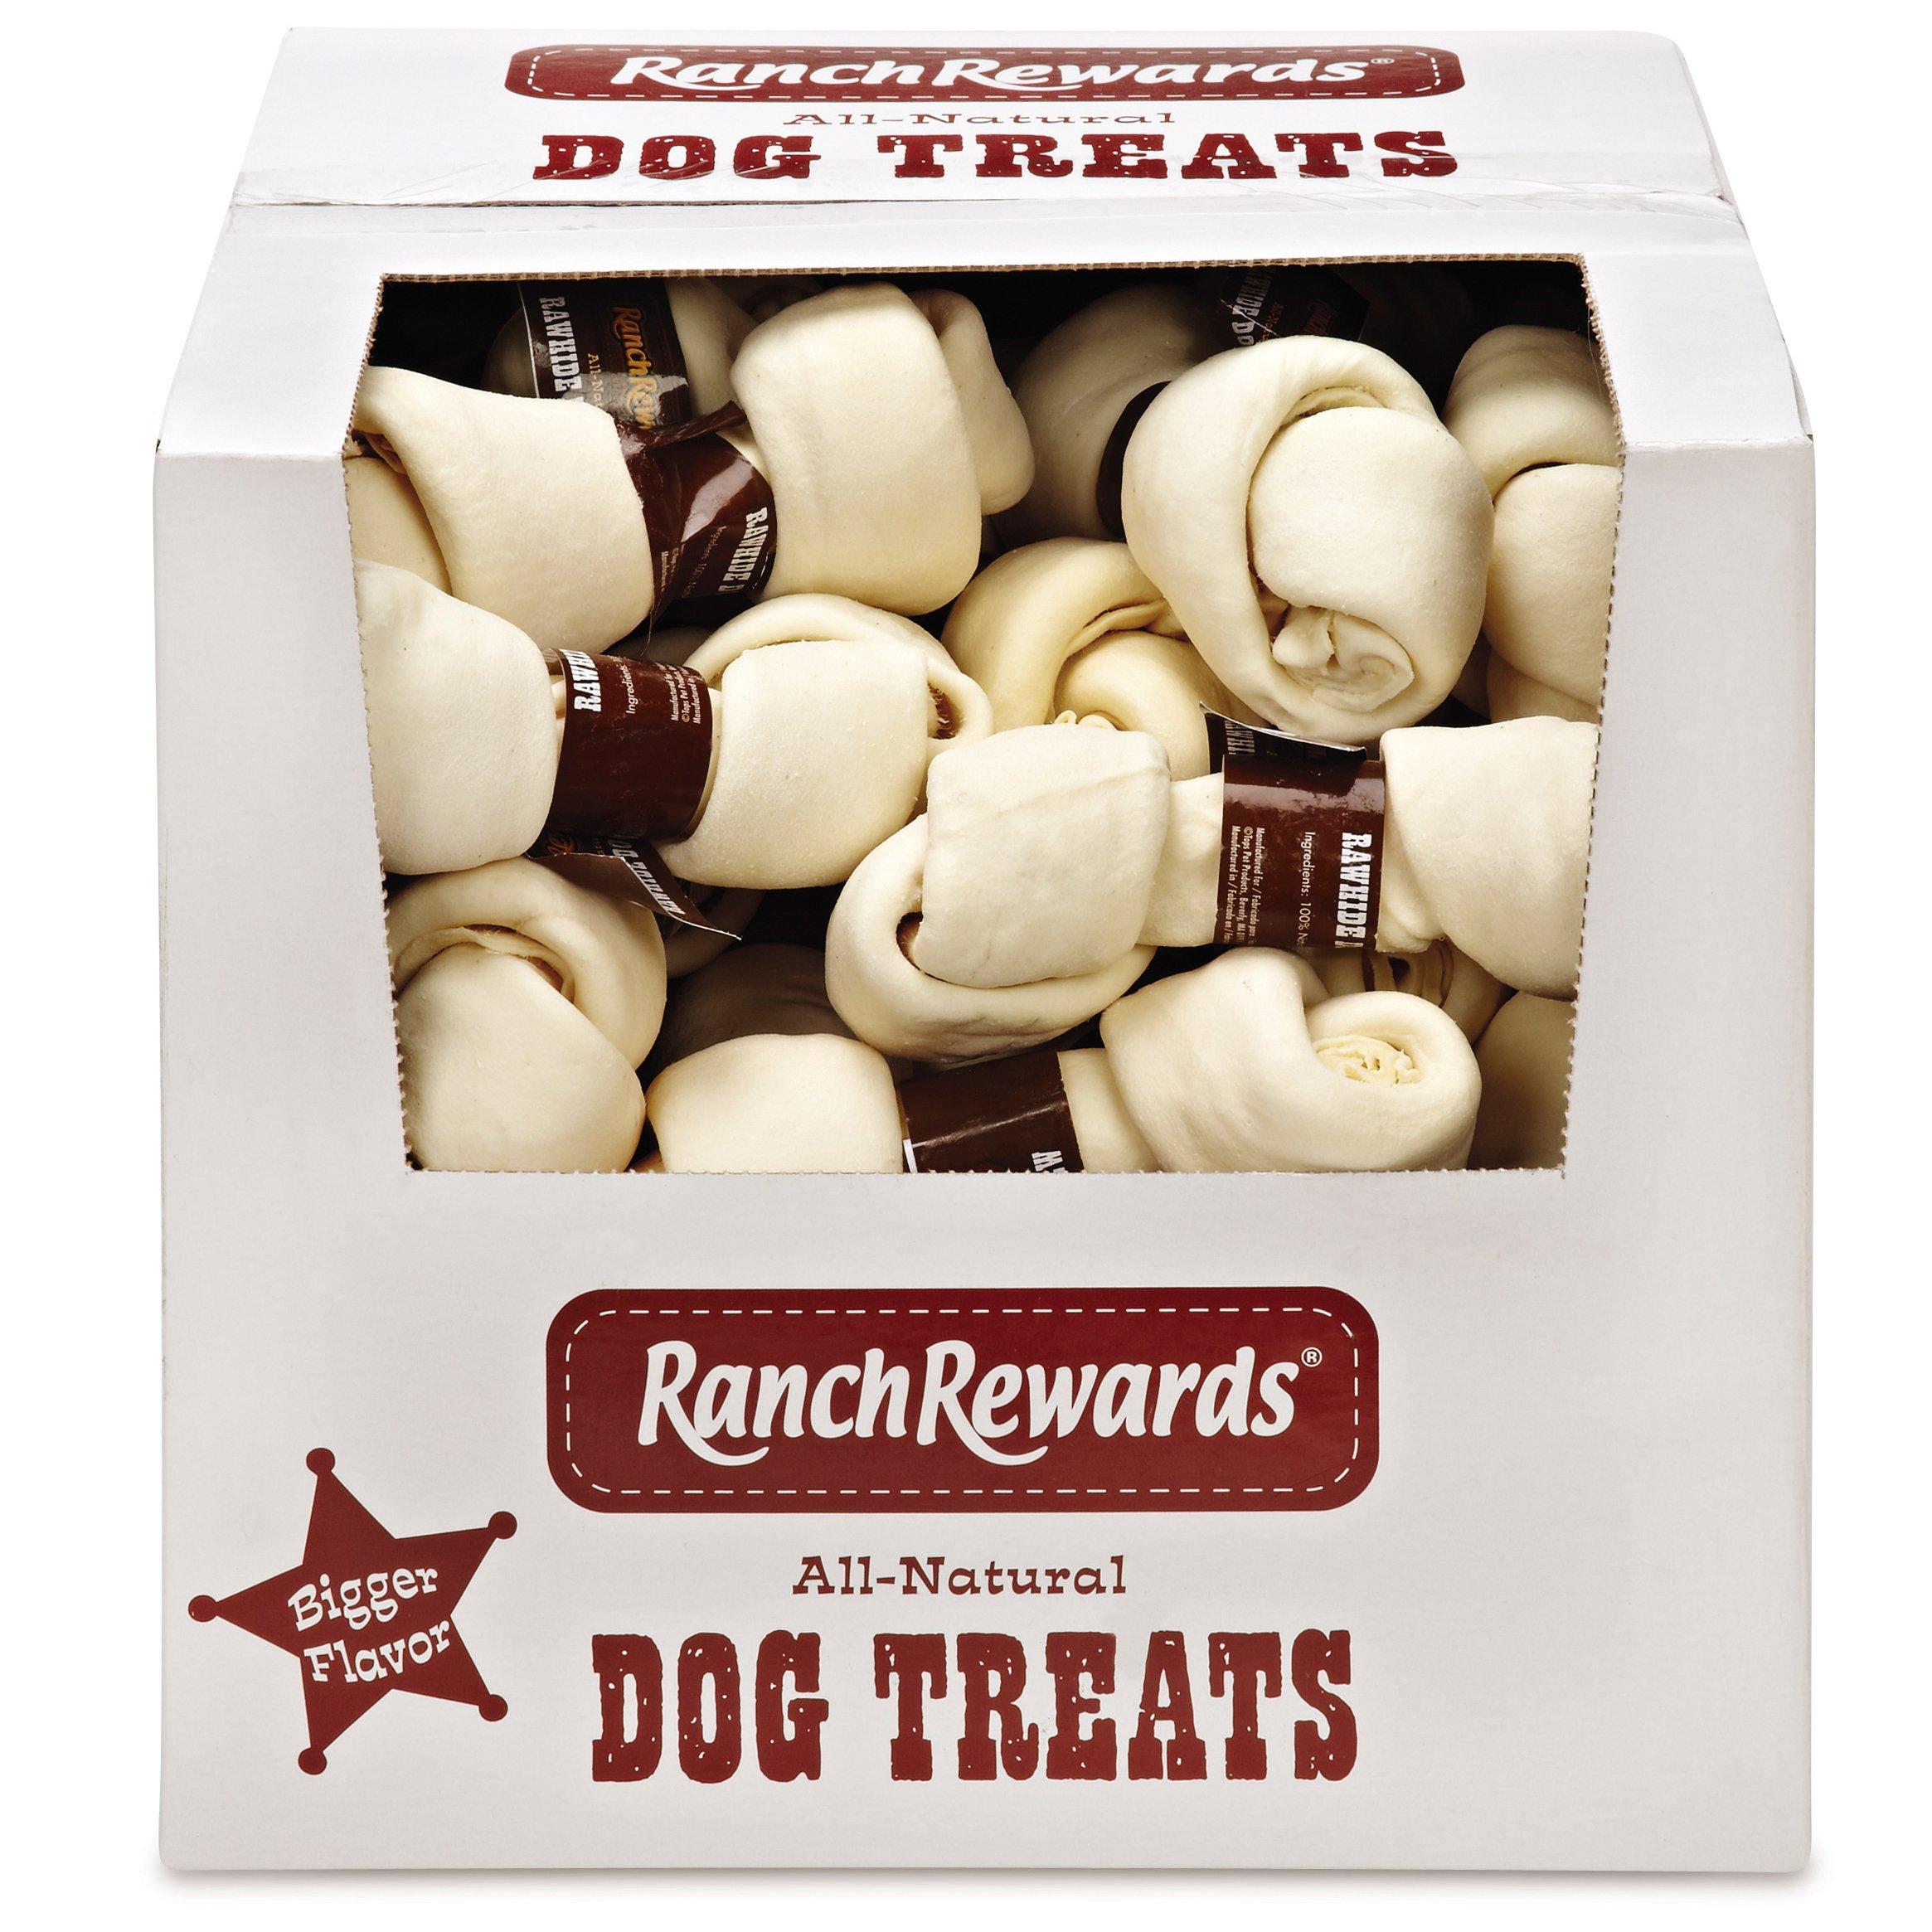 Ranch Rewards 35 Piece Rawhide Bone Toy, 6-7'' by Ranch Rewards